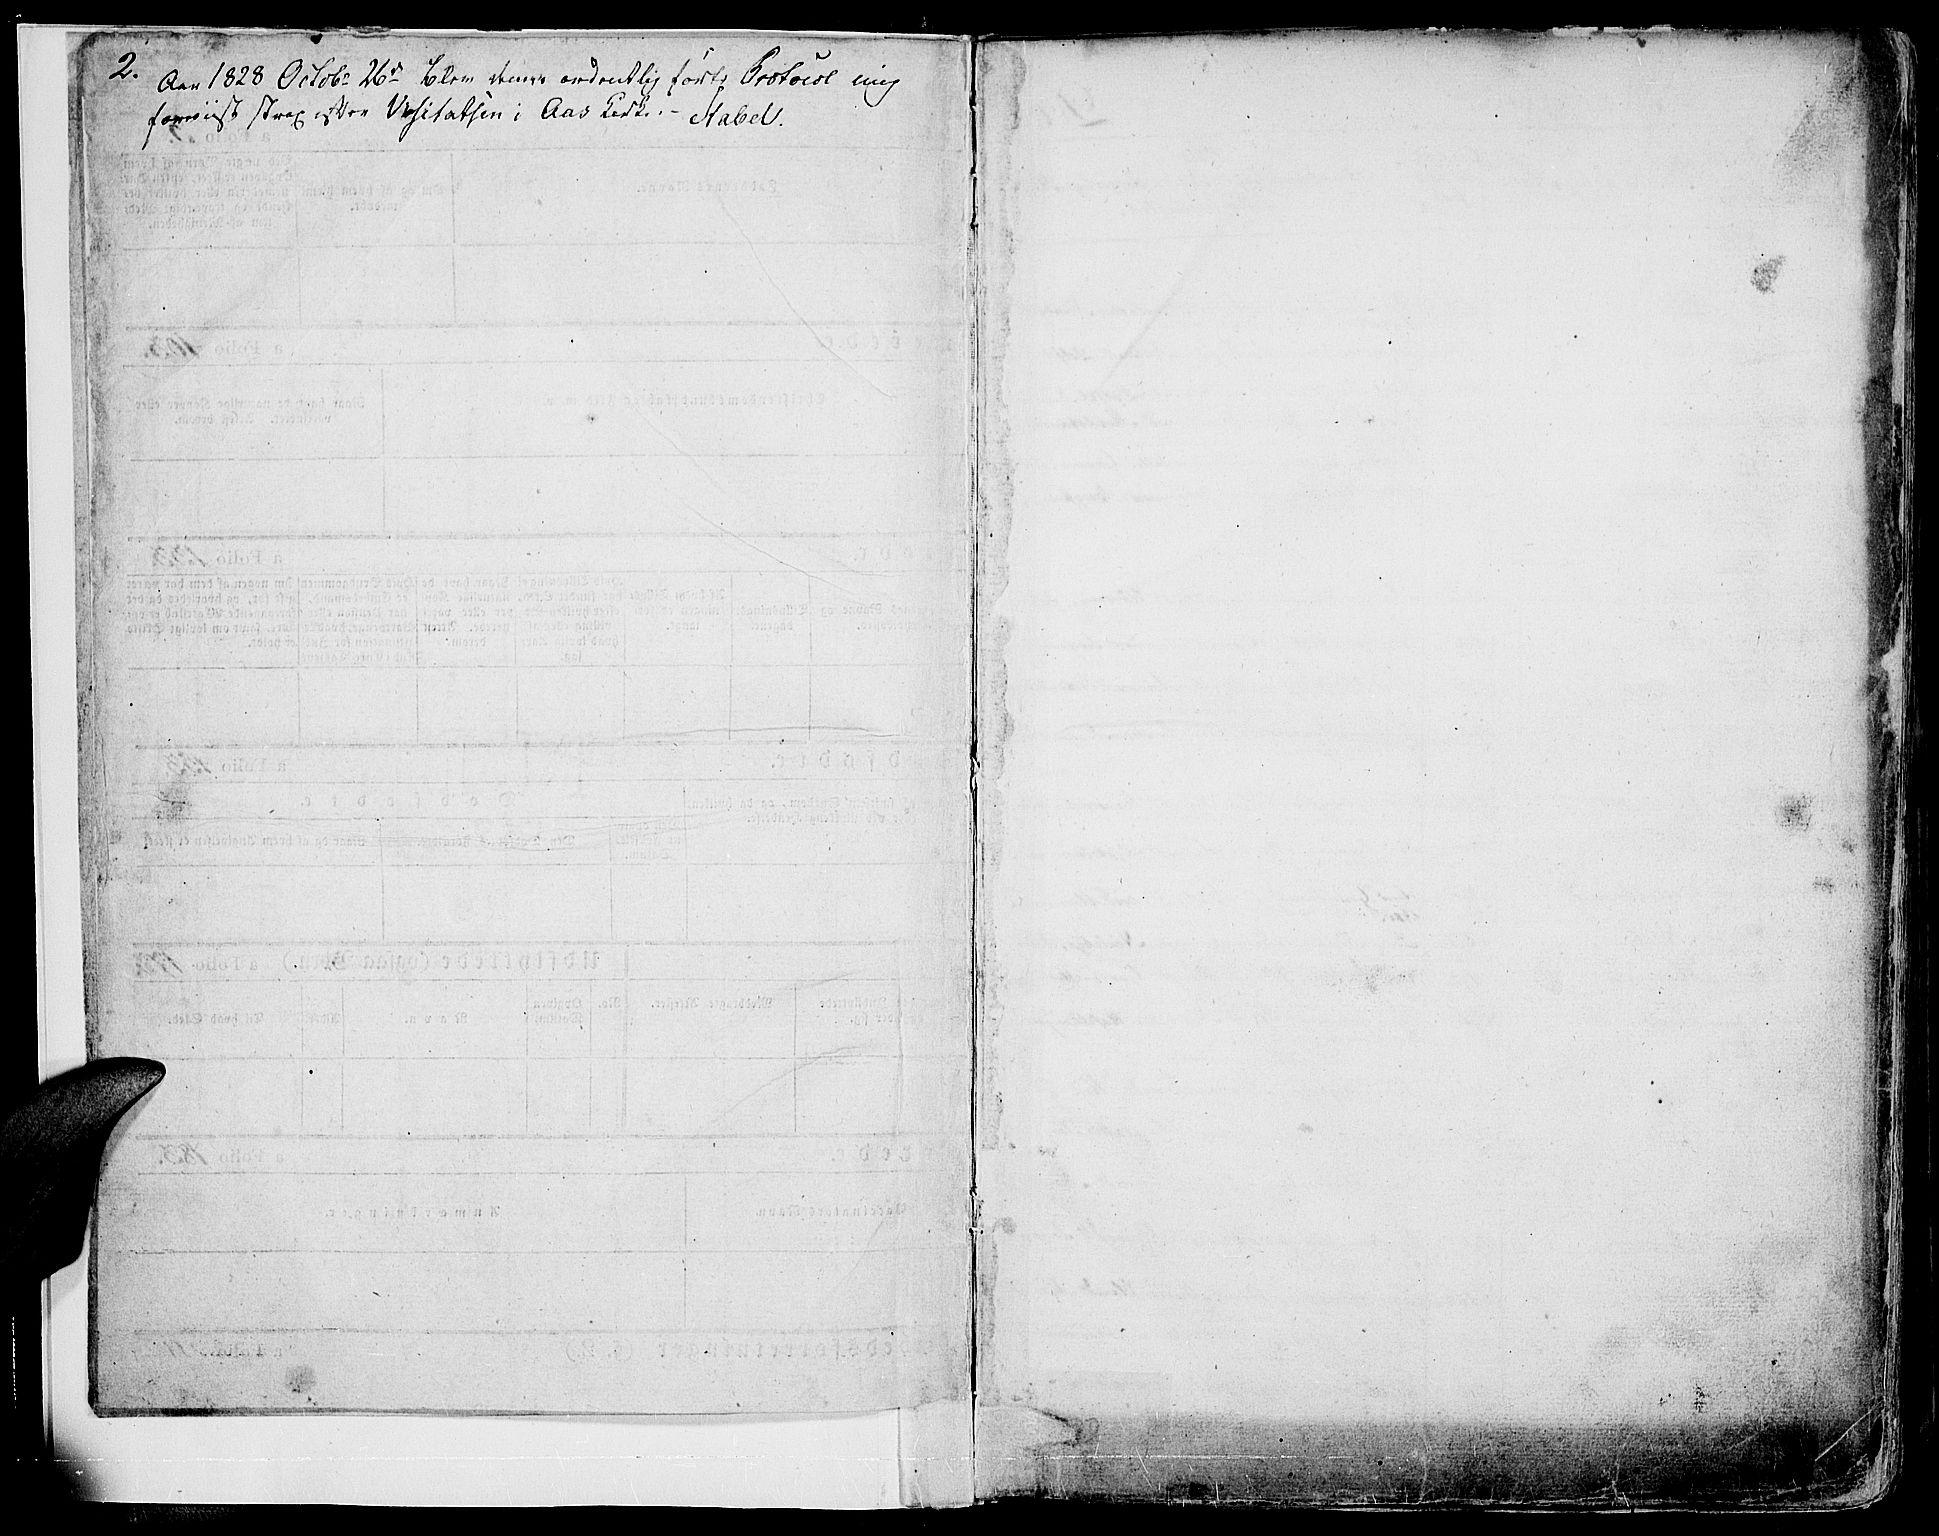 SAH, Vestre Toten prestekontor, Ministerialbok nr. 2, 1825-1837, s. 2